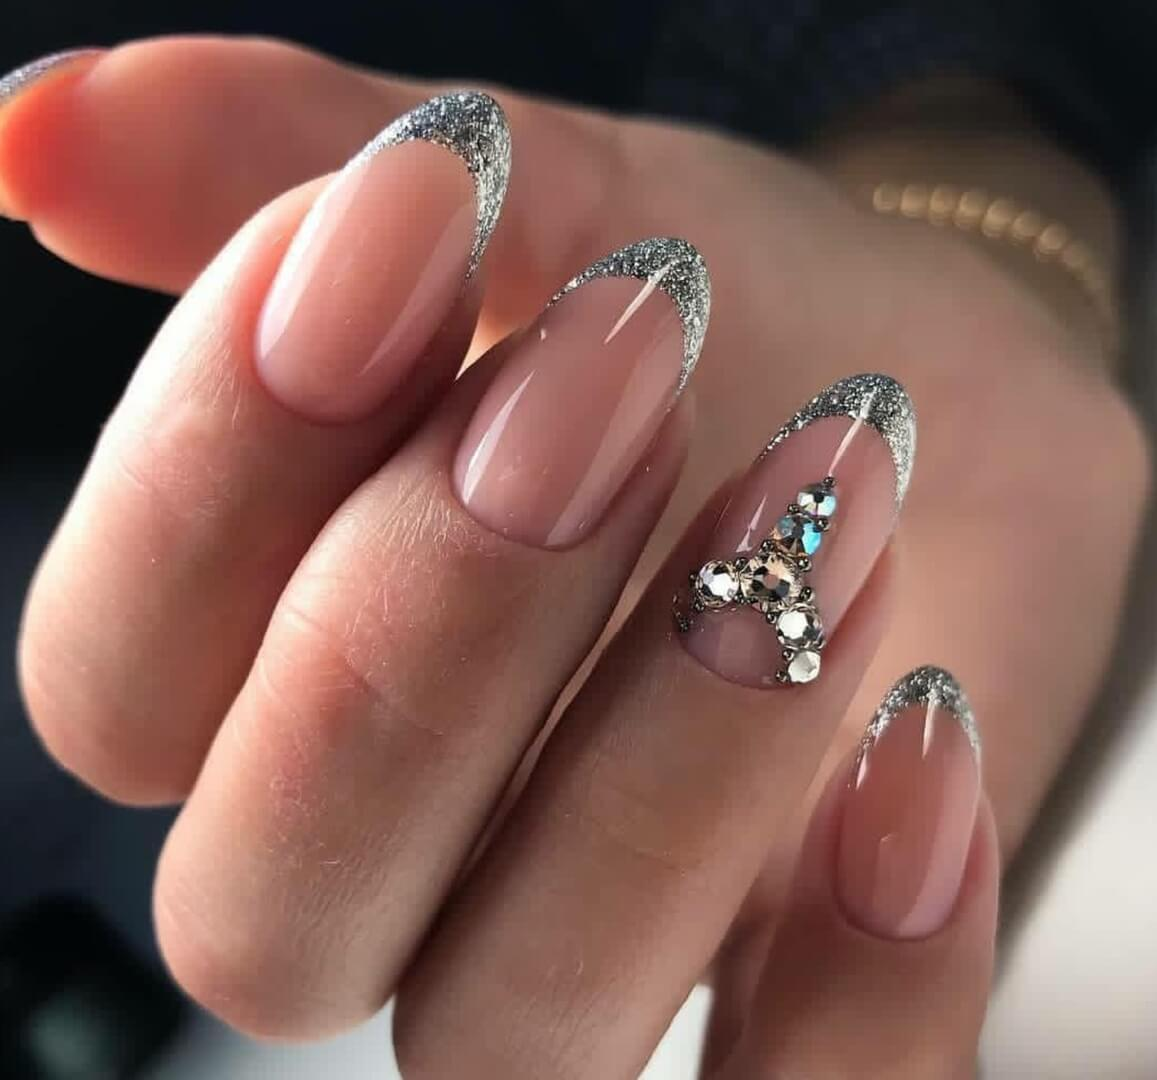 френч на ногтях фото серебро косогоре, земельный участок